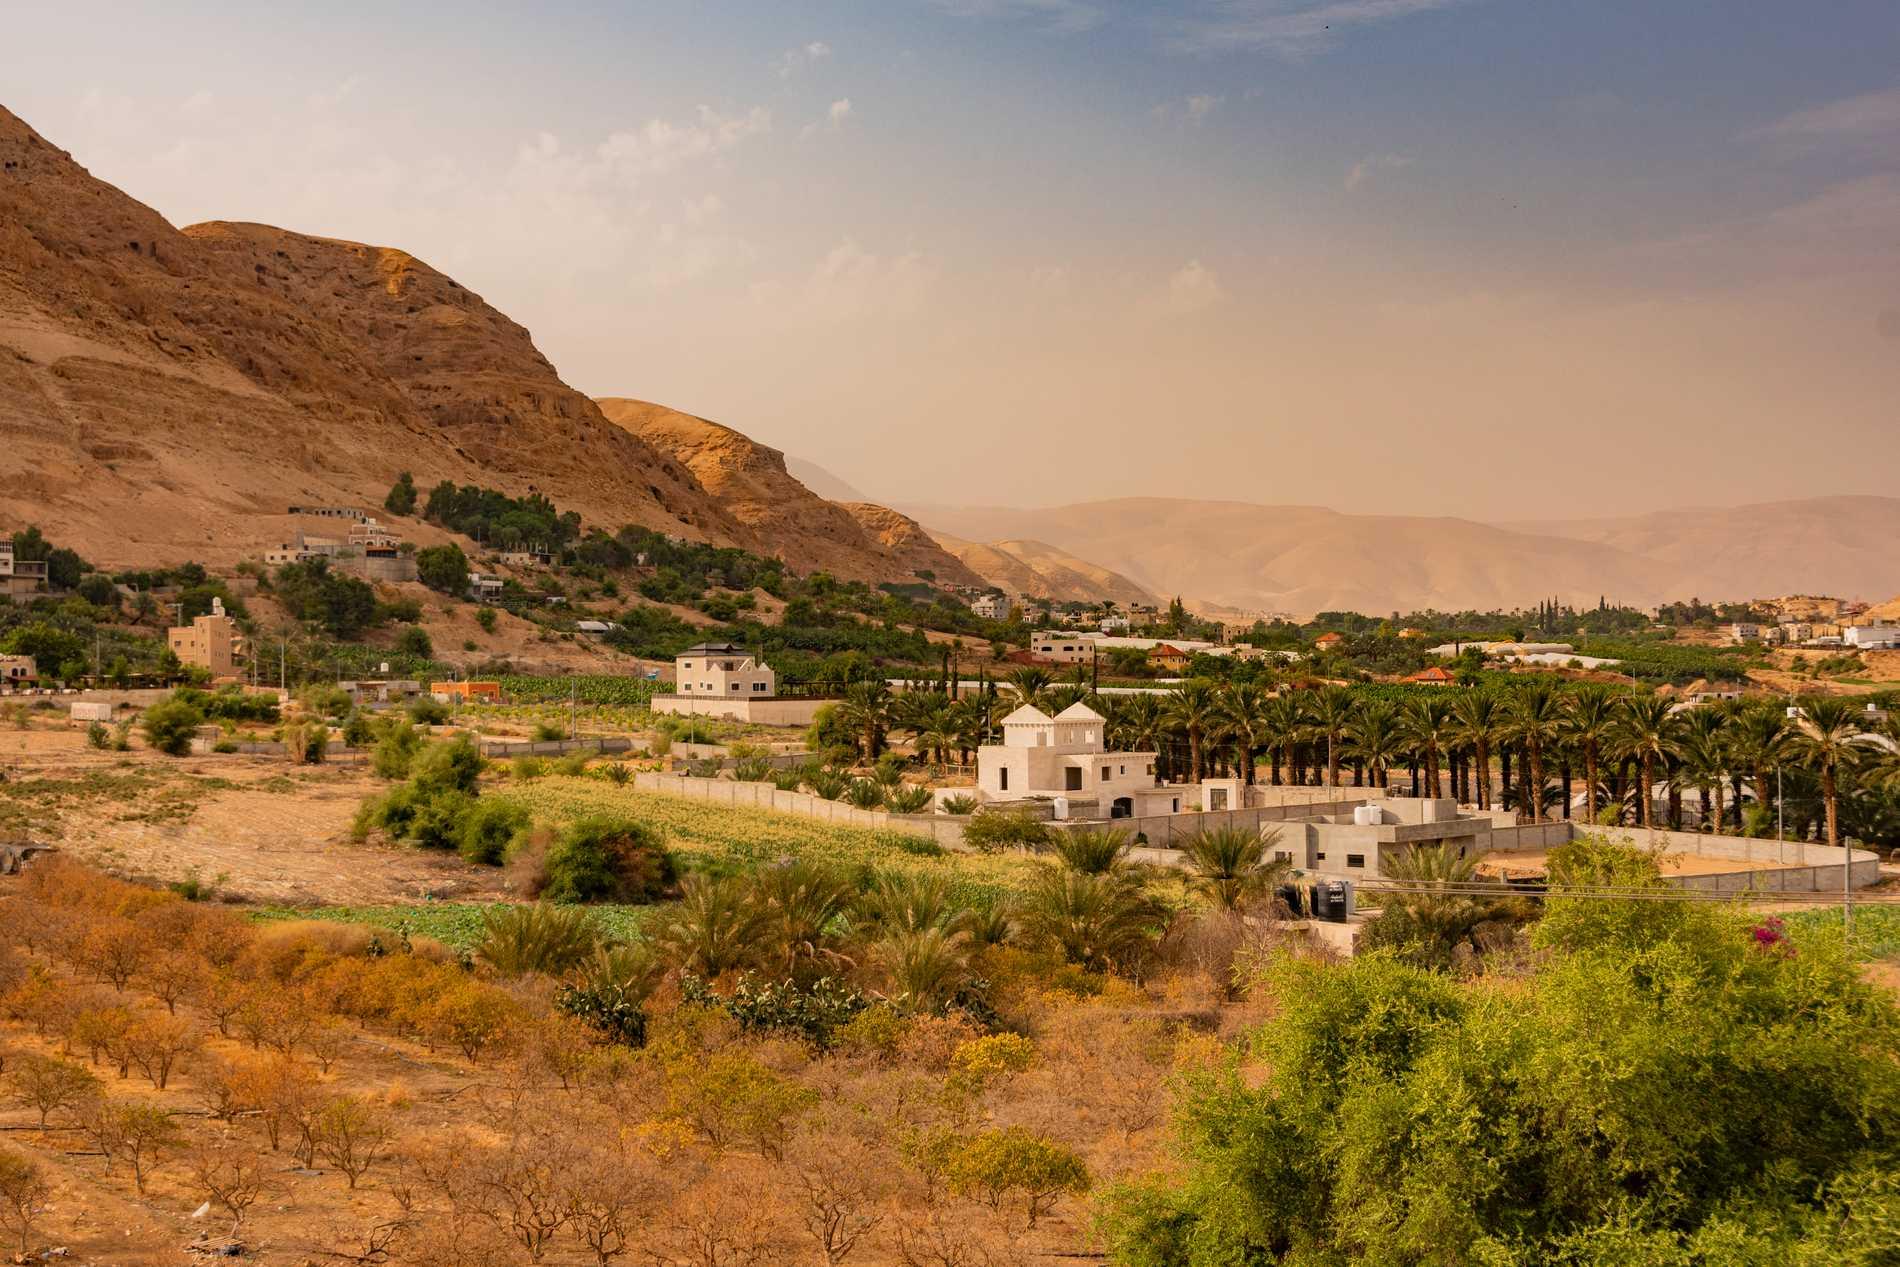 Staden Jeriko nämns bland annat i bibeln.